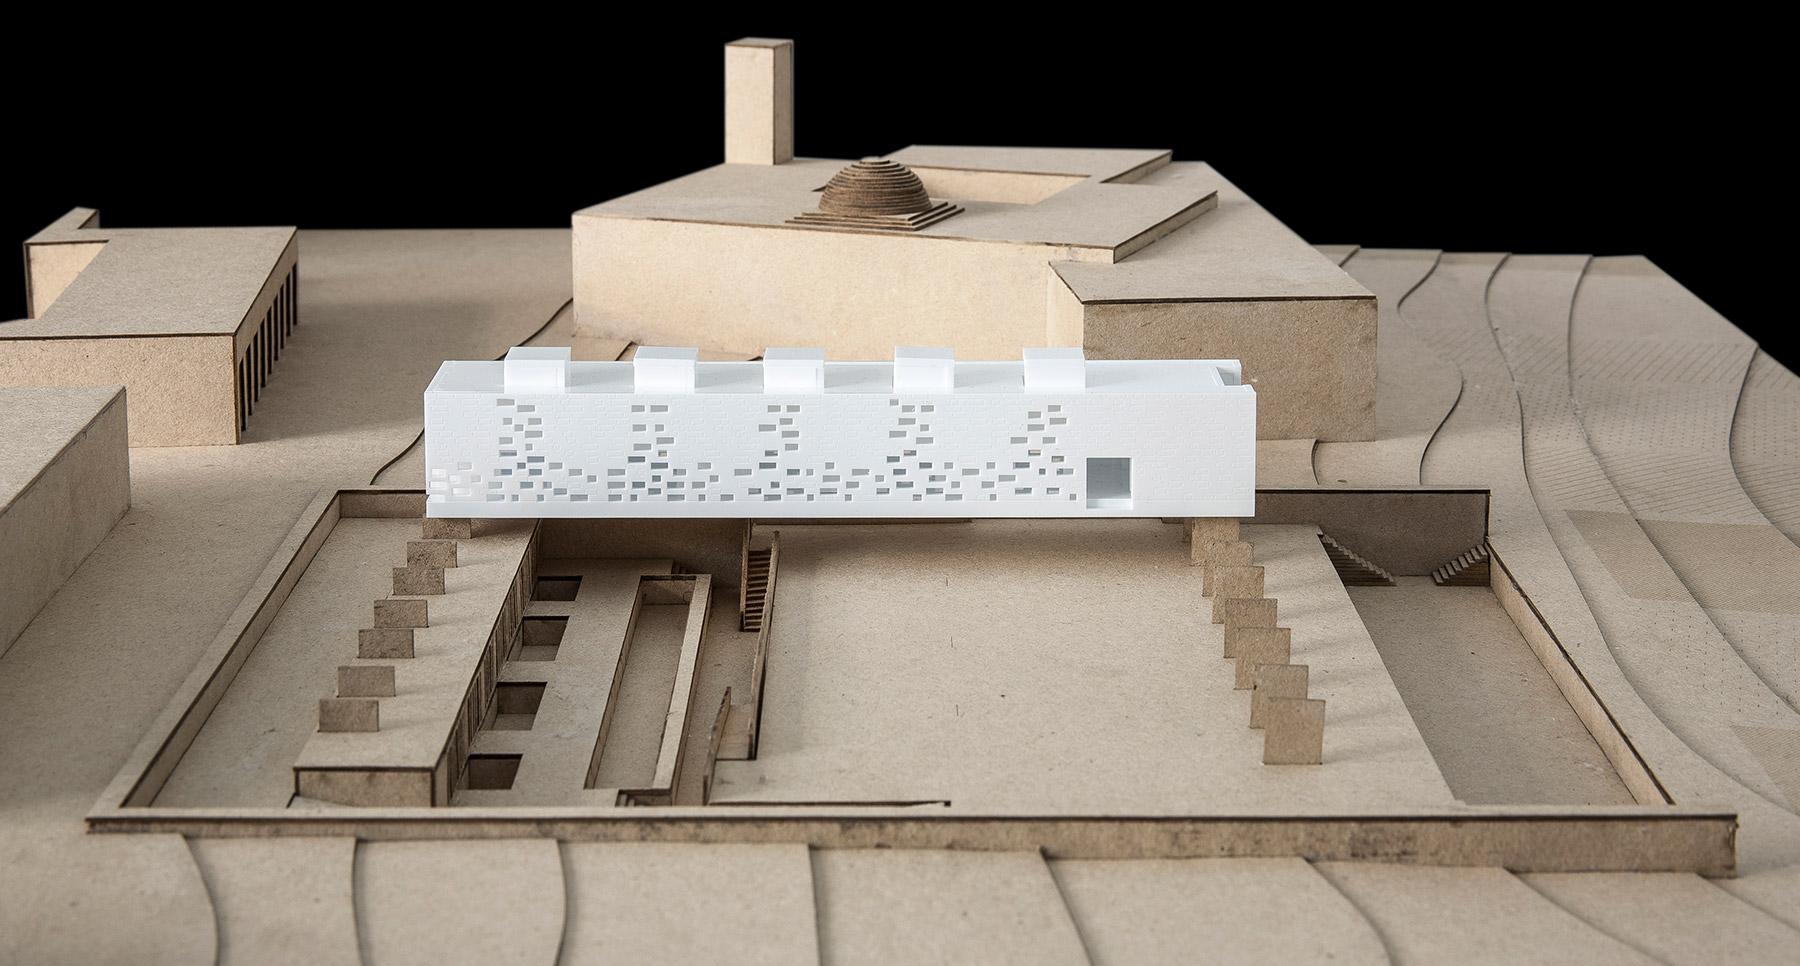 Hotel hammam en nueva gourna arquiayuda ayuda pfc for Conceptualizacion de la arquitectura